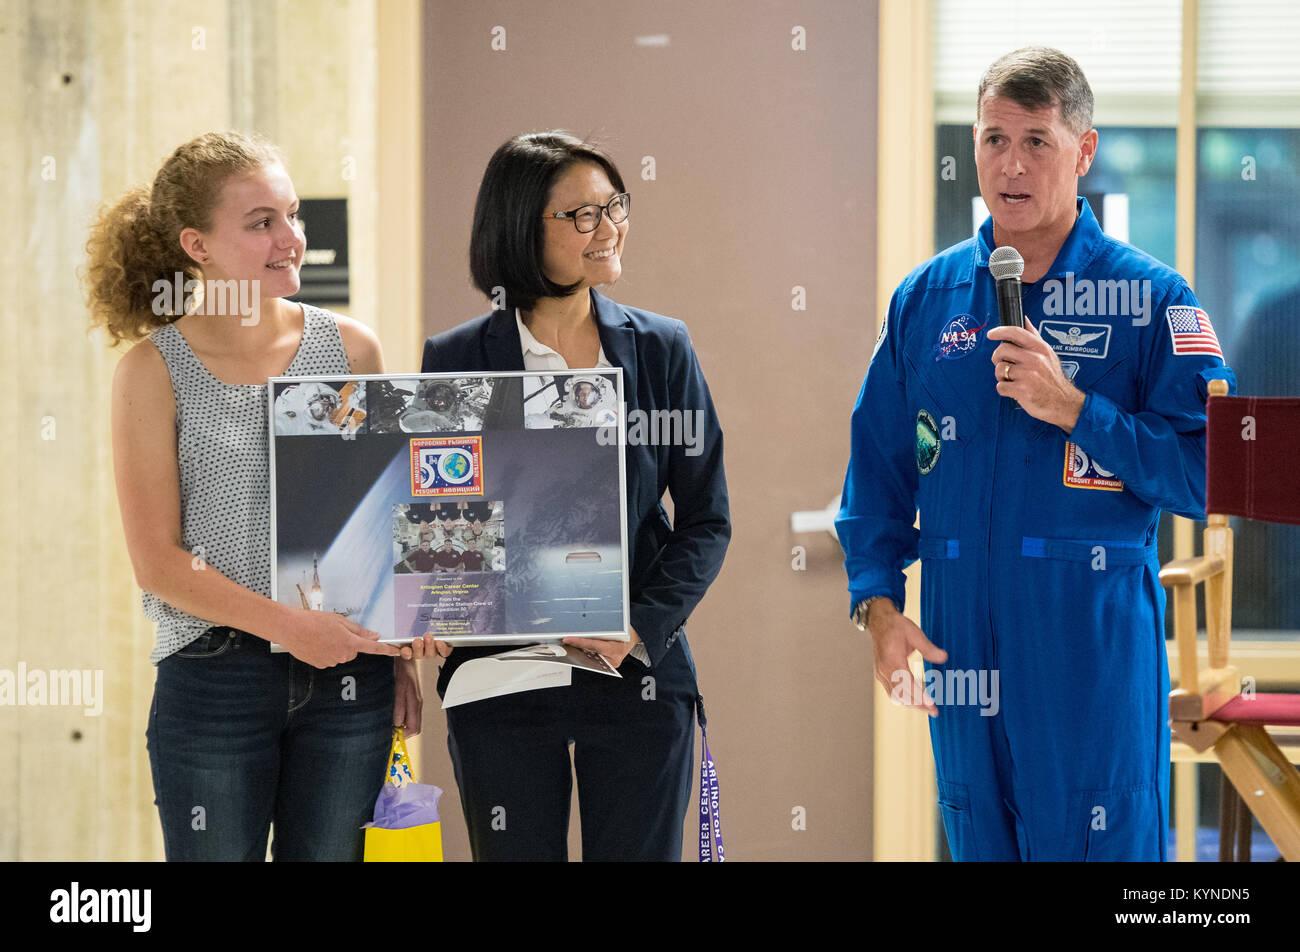 L'astronaute de la NASA Shane Kimbrough présente un montage de photos et de l'Expédition 50 patch Photo Stock